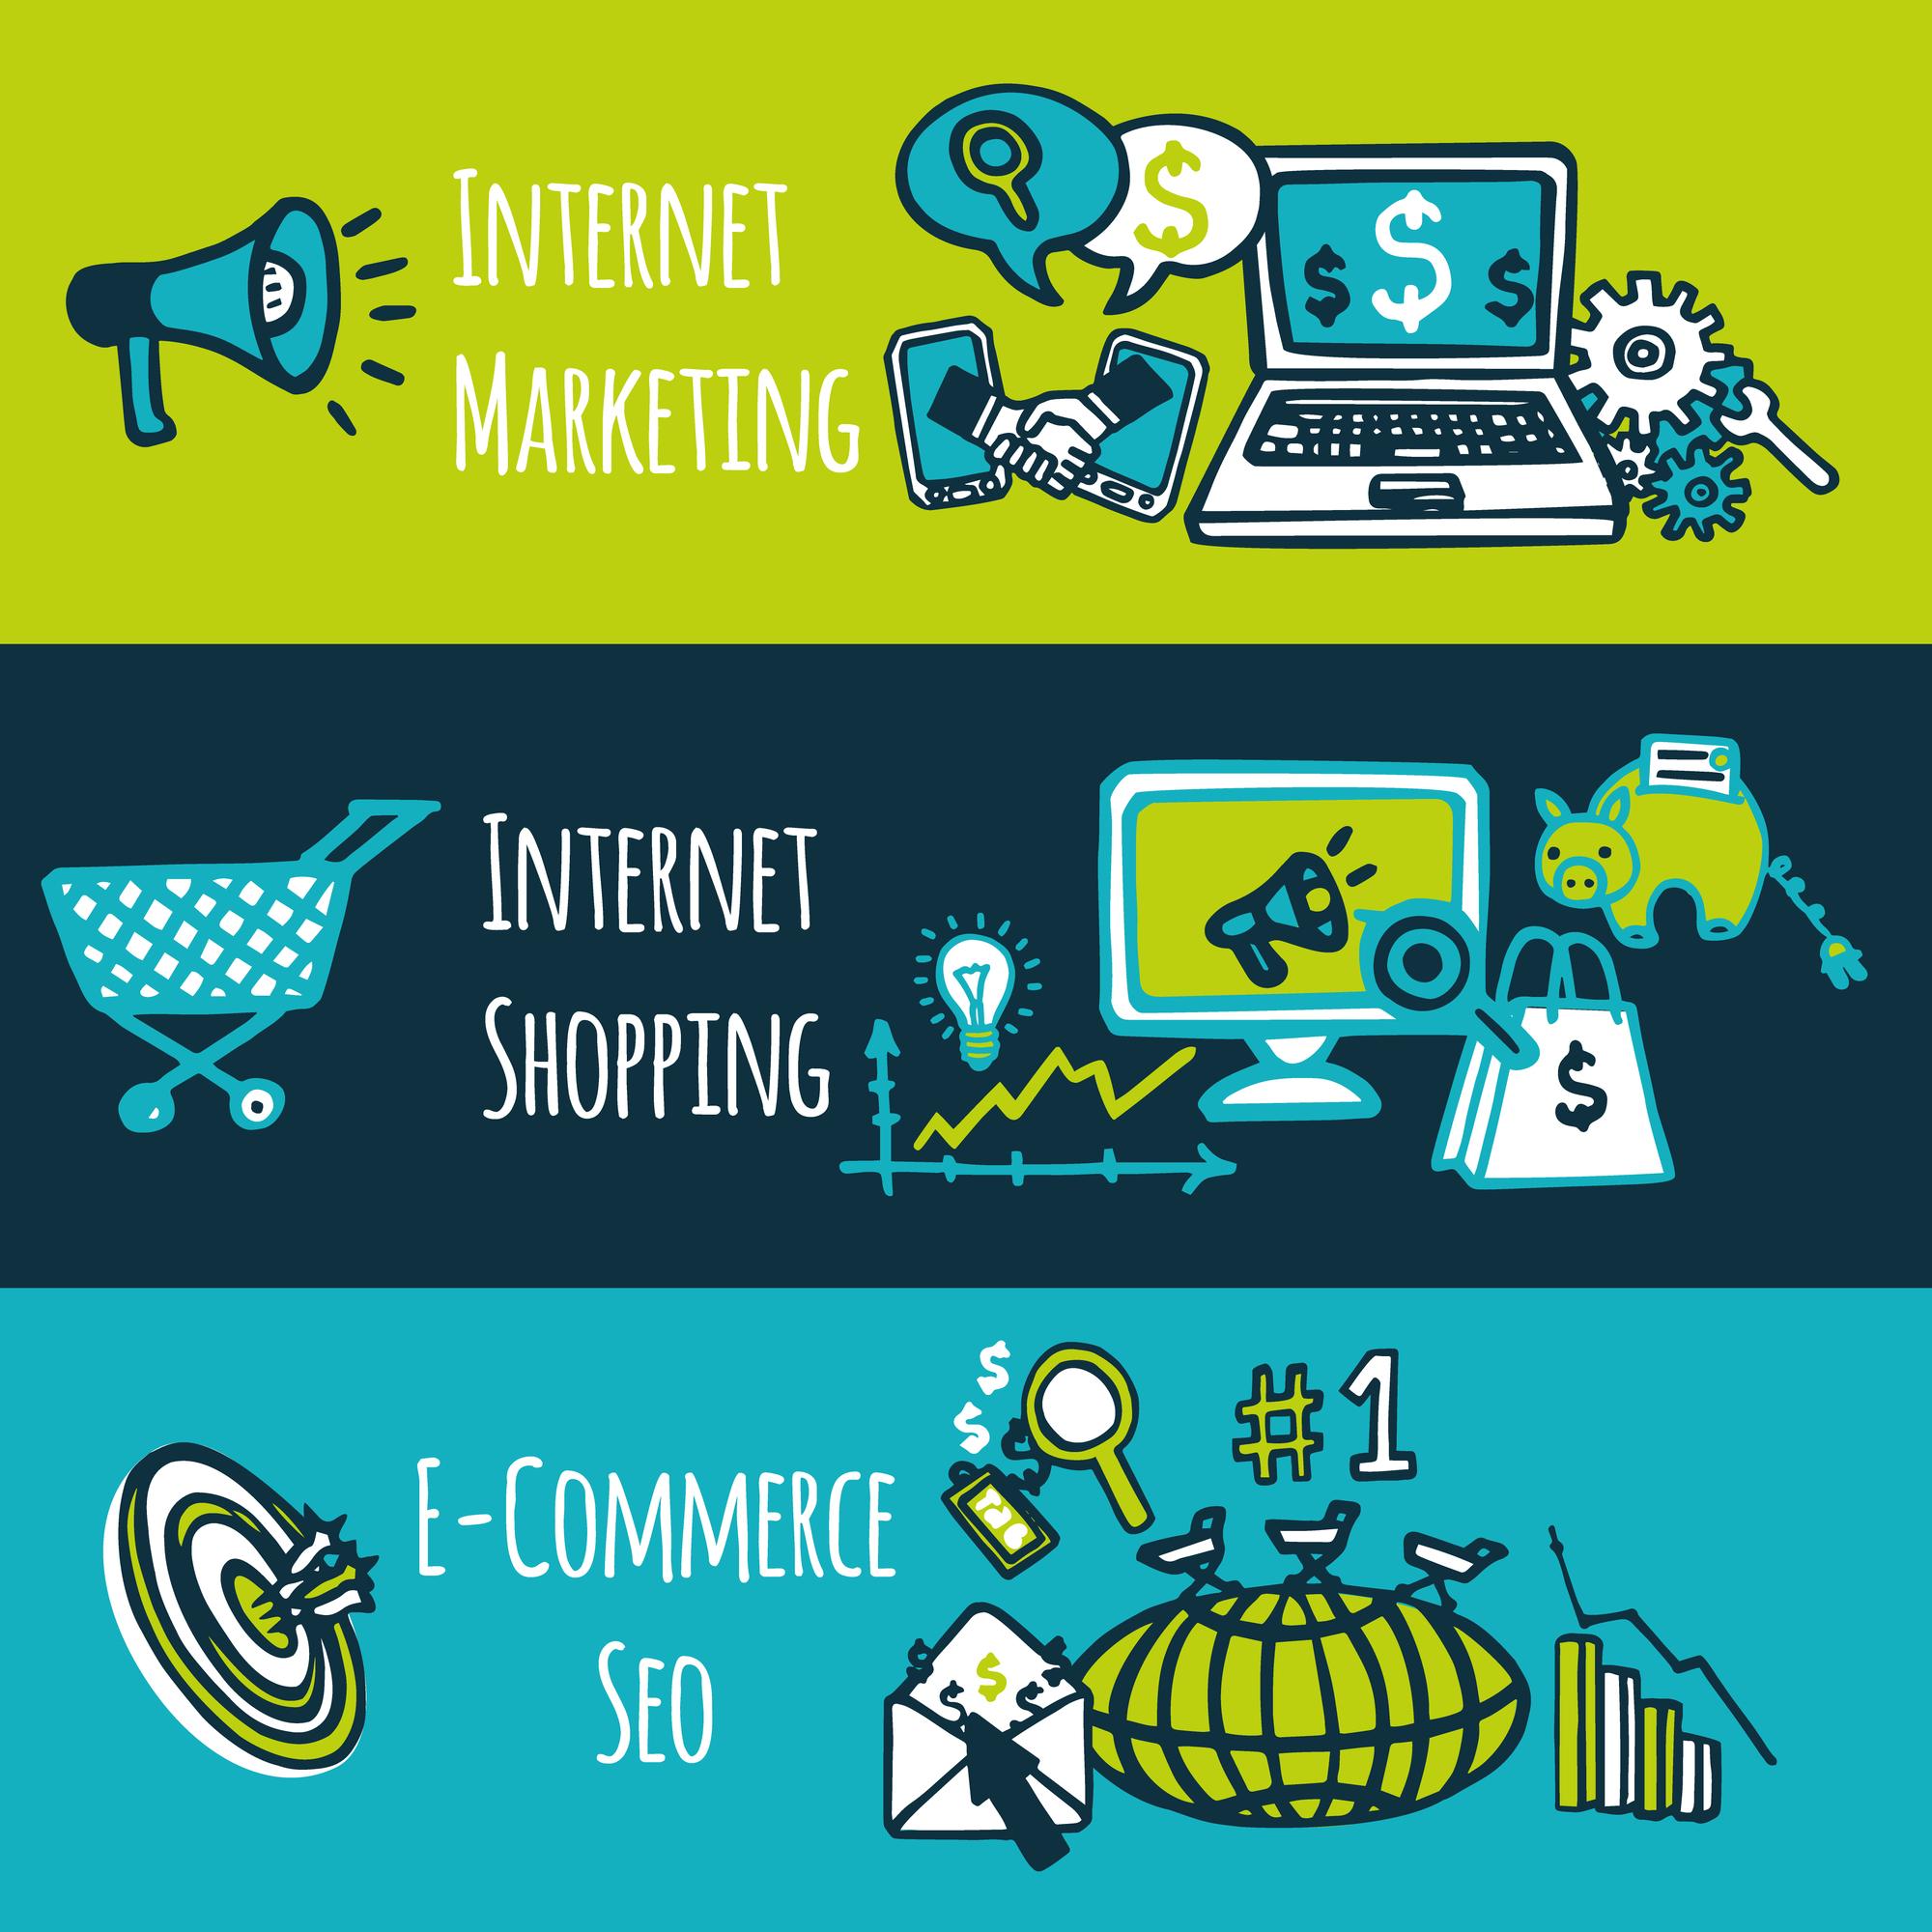 Individuelle E-Commerce Shops für Ihr Unternehmen / Herstellung von Shop-Systemen